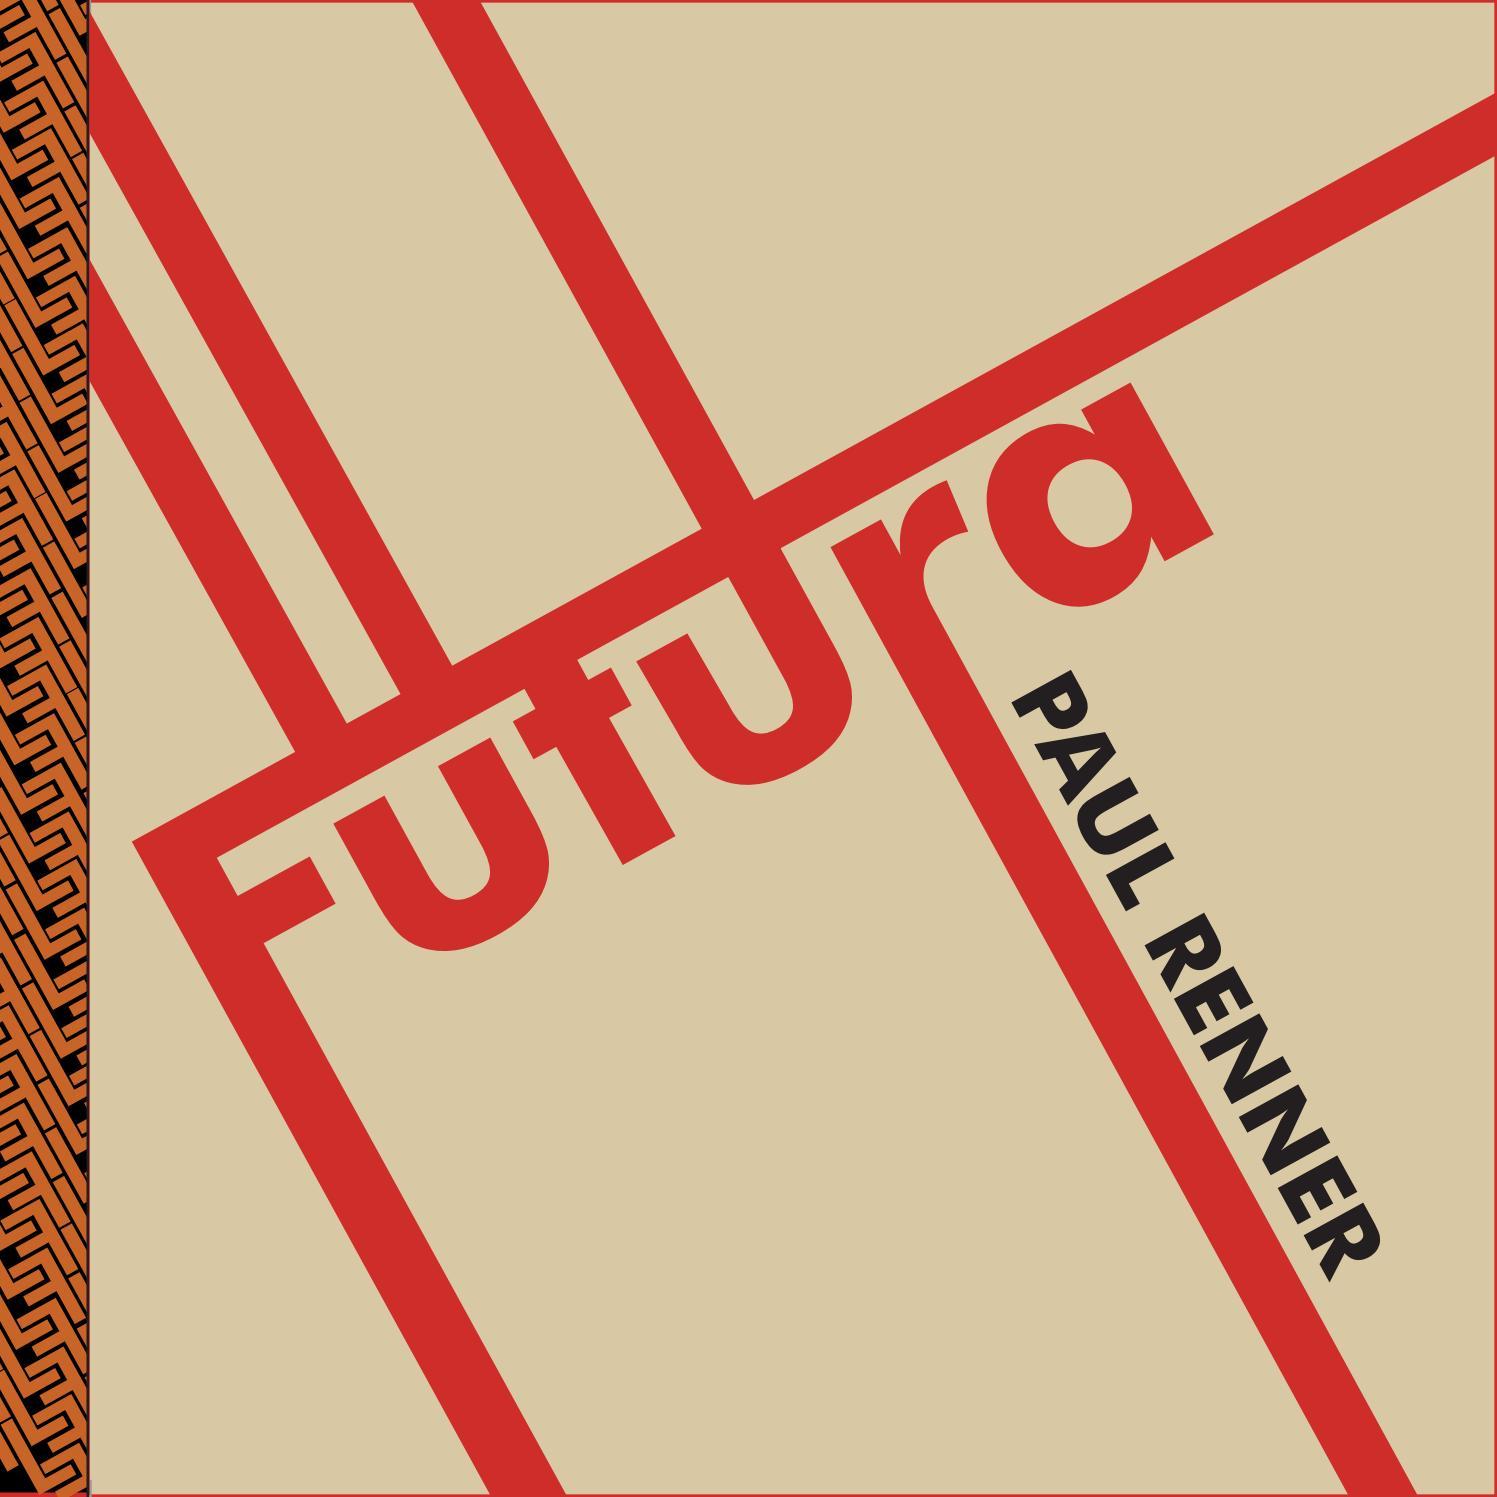 �9ᢹi&�l$zd�y.9b_Futura-katalogfontubyDominika-Issuu